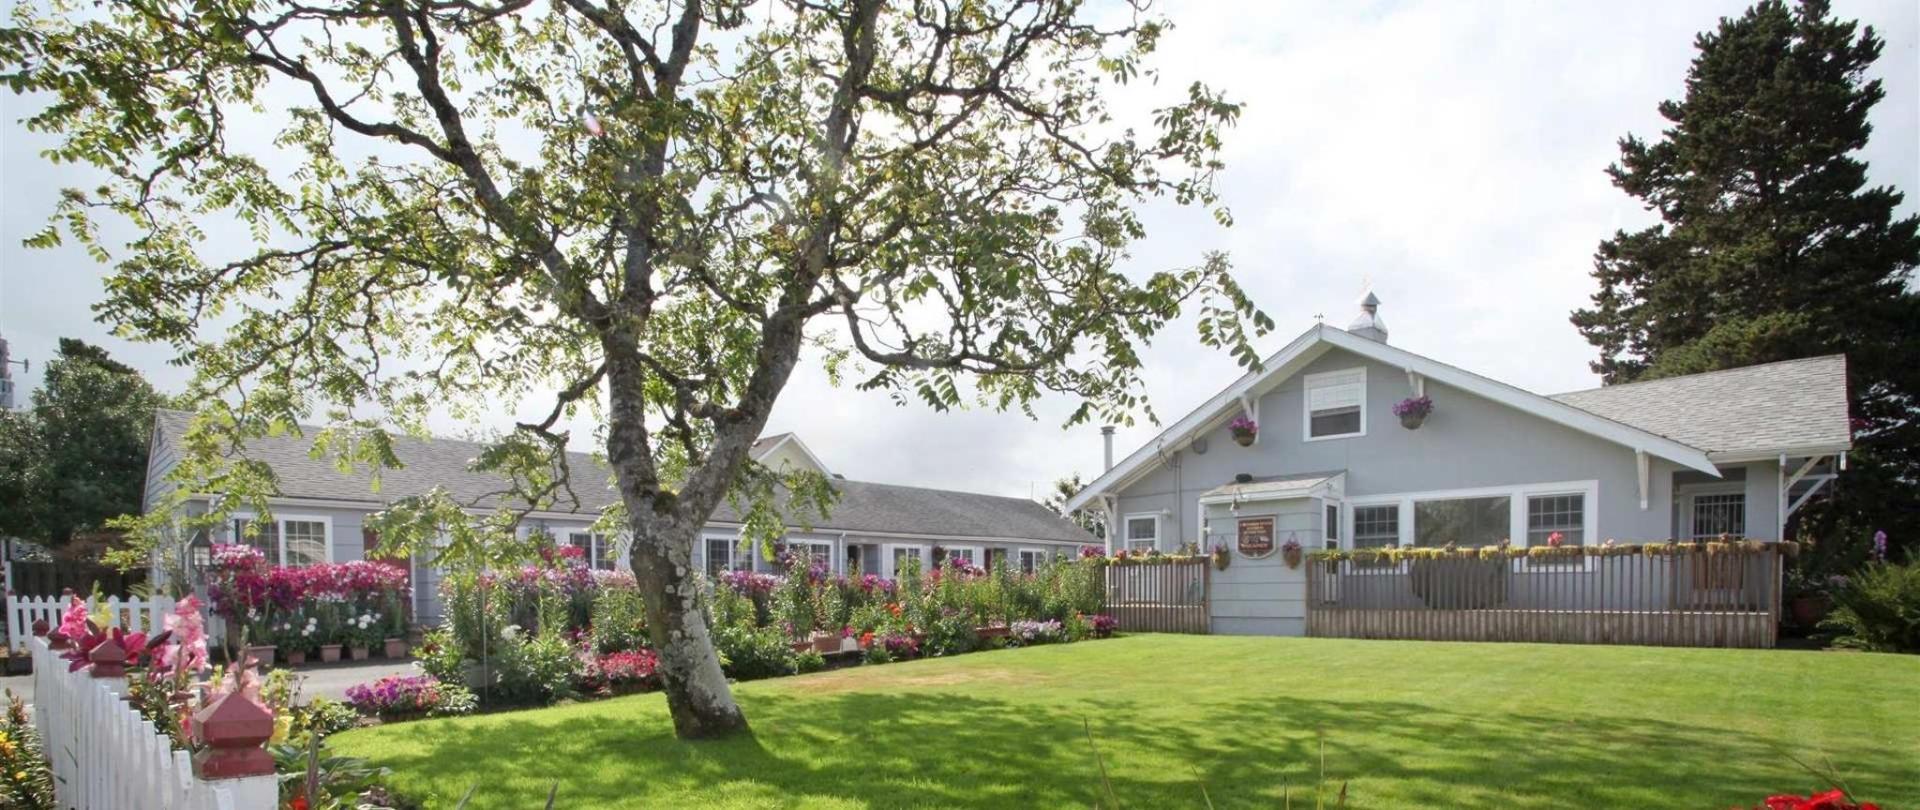 Paradise Suites & Rental